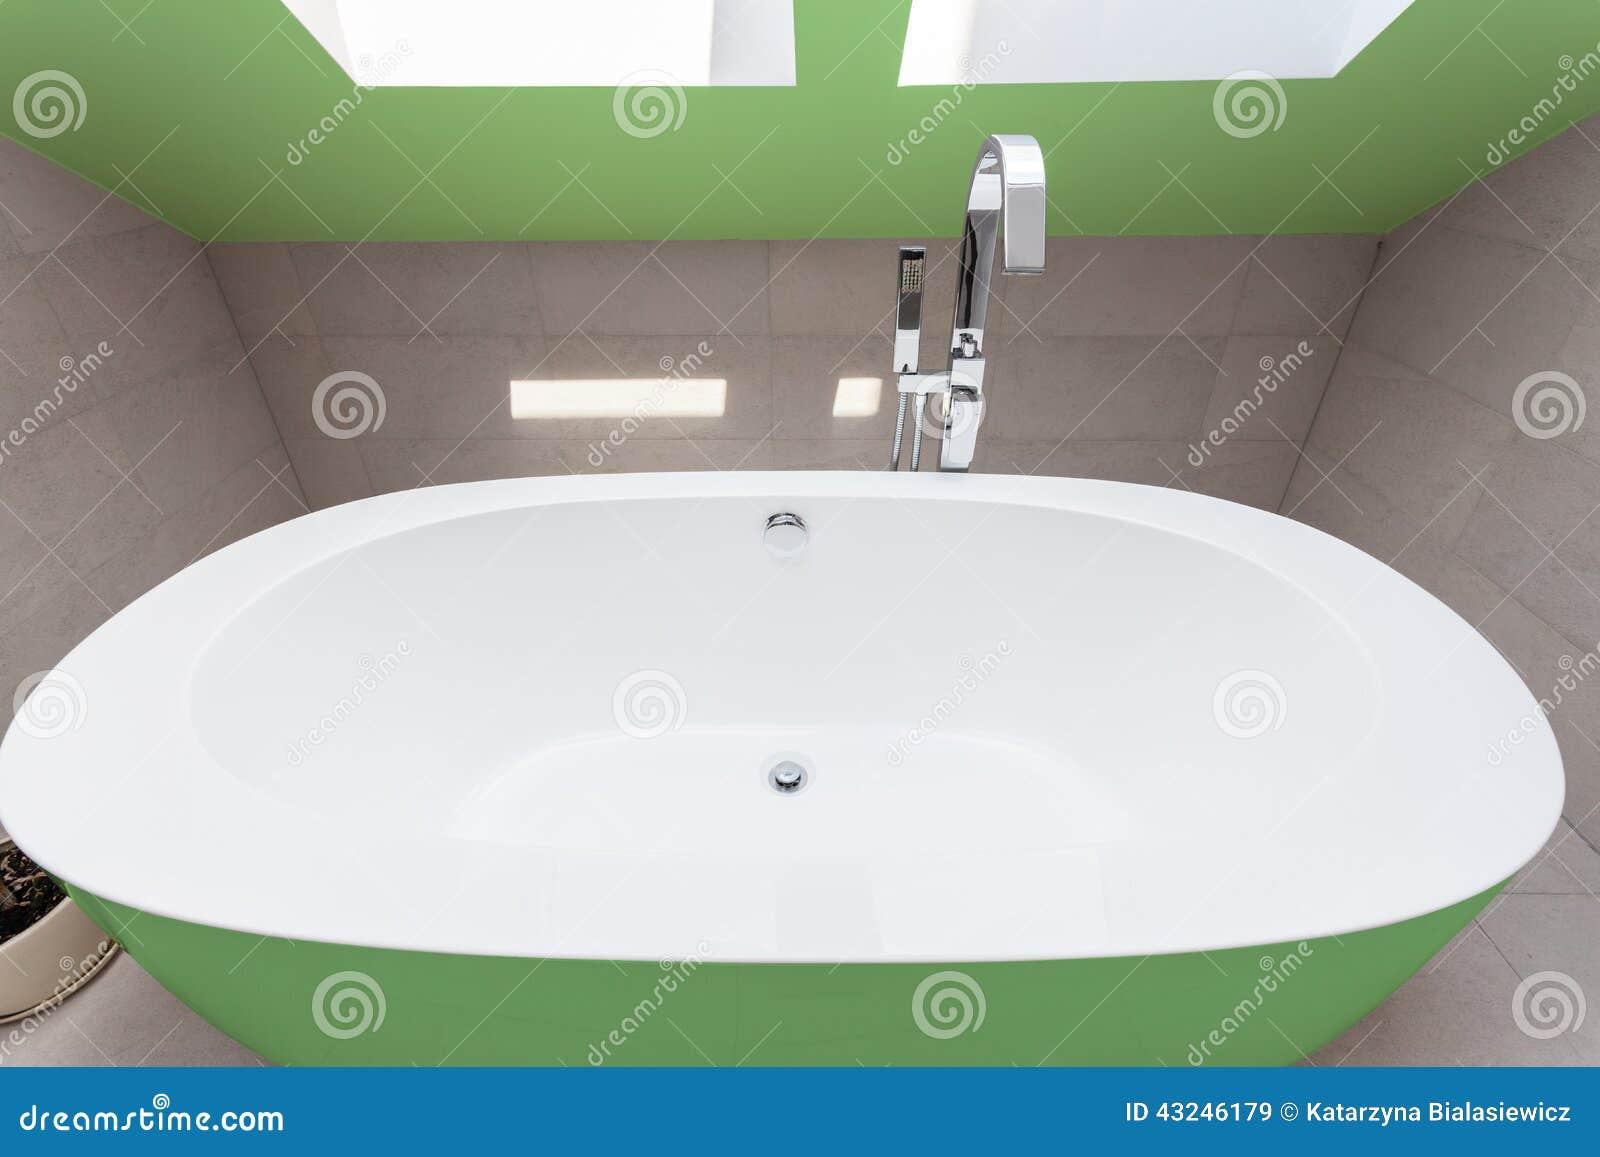 Banheira Verde No Banheiro Foto de Stock Imagem: 43246179 #82A328 1300x957 Banheira Para Banheiro Usada